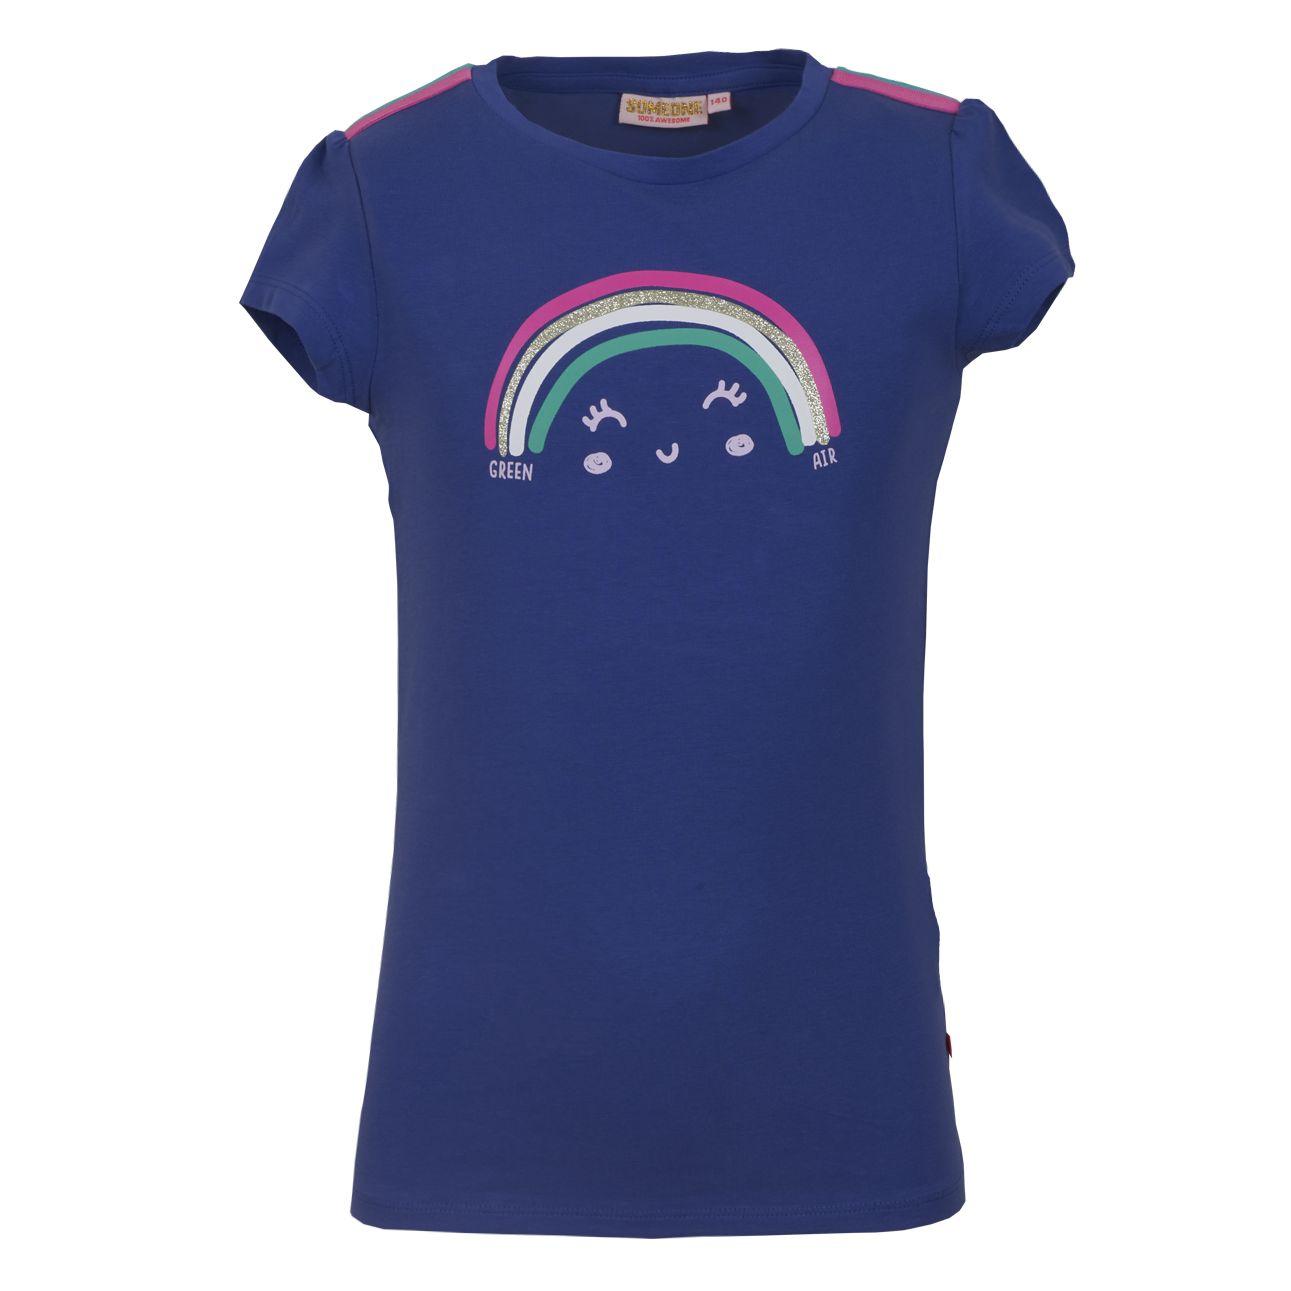 T-Shirt Regenbogen 092 Kobalt SOMEONE 100% Awesome